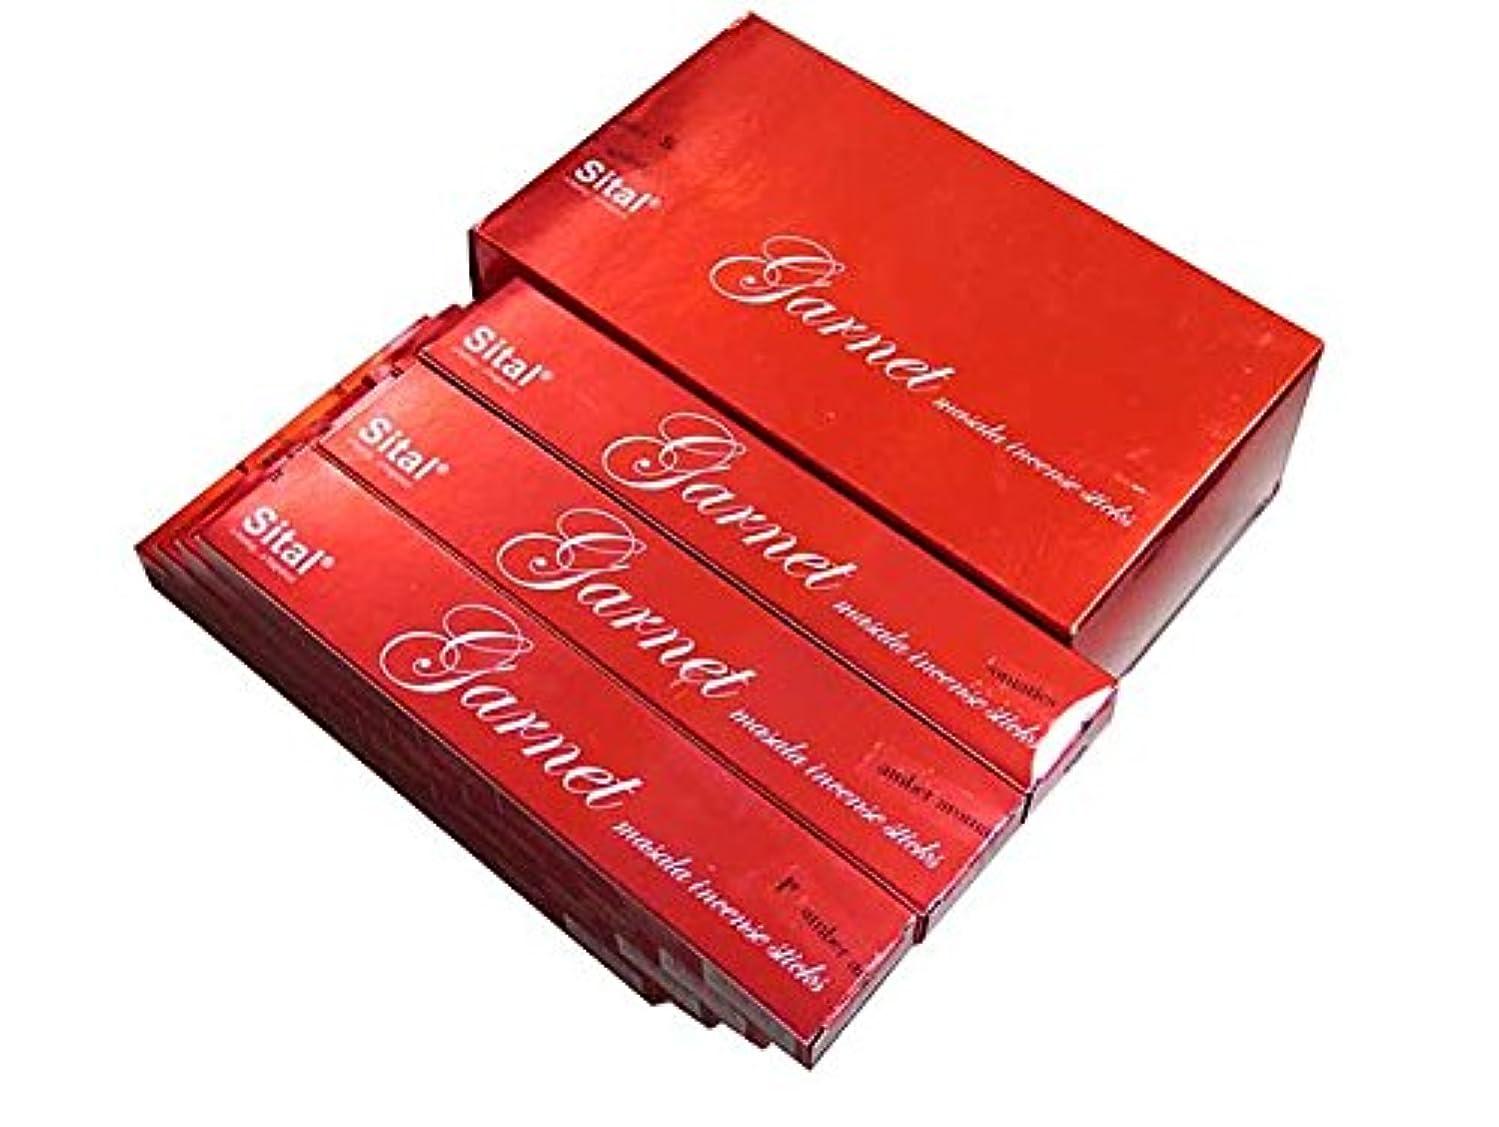 支出夕食を食べる部屋を掃除するSITAL(シタル) シタル プレミアムマサラ ガーネット香 スティック GARNET 12箱セット